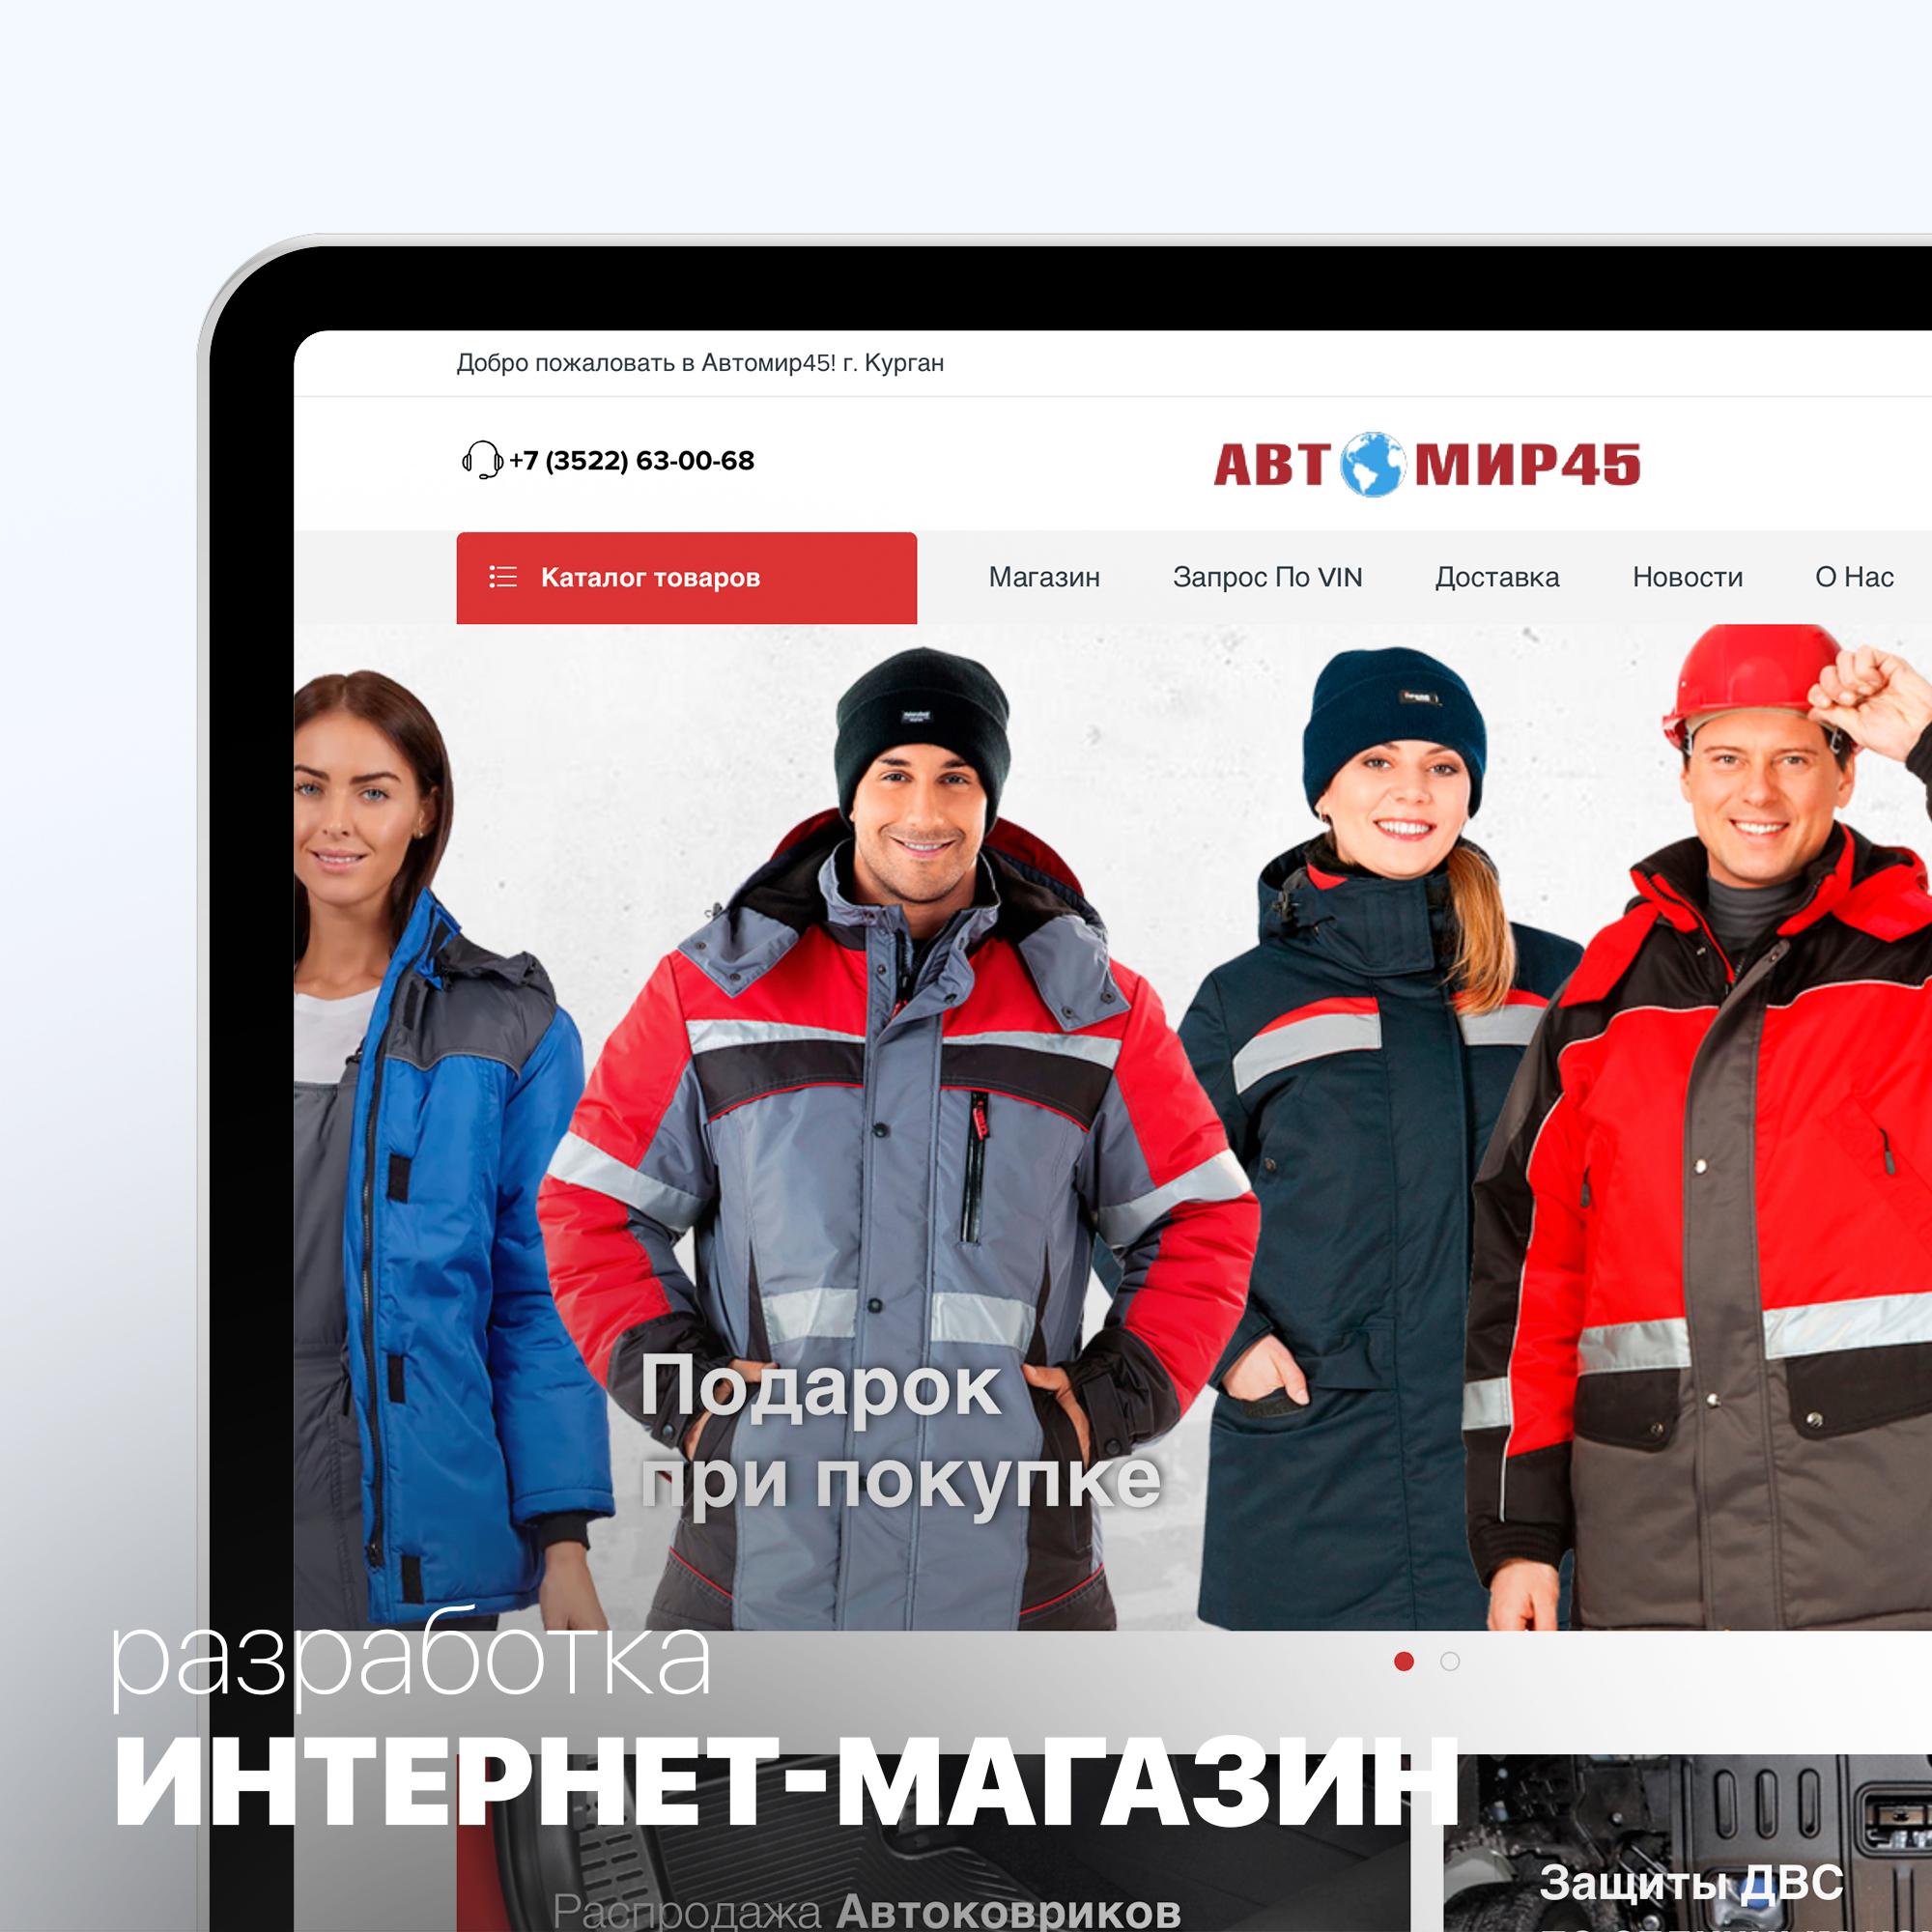 dimtiks-portfolio-1